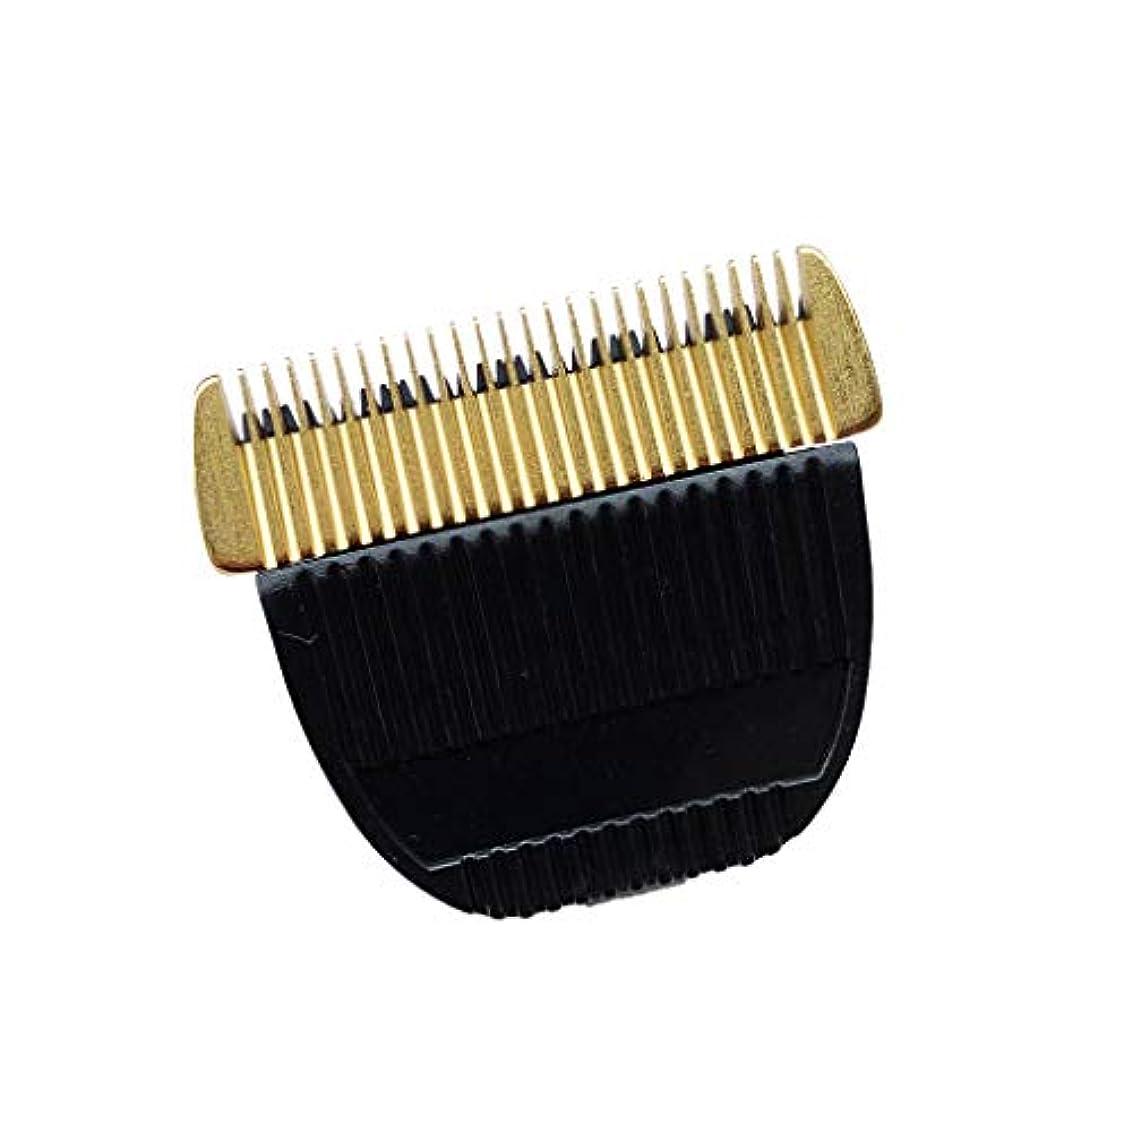 アブストラクト親指申請中ER−GP80 1610 1611 1511 153 154 160 VG101ホストの交換部品にはカミソリヘッドが適している